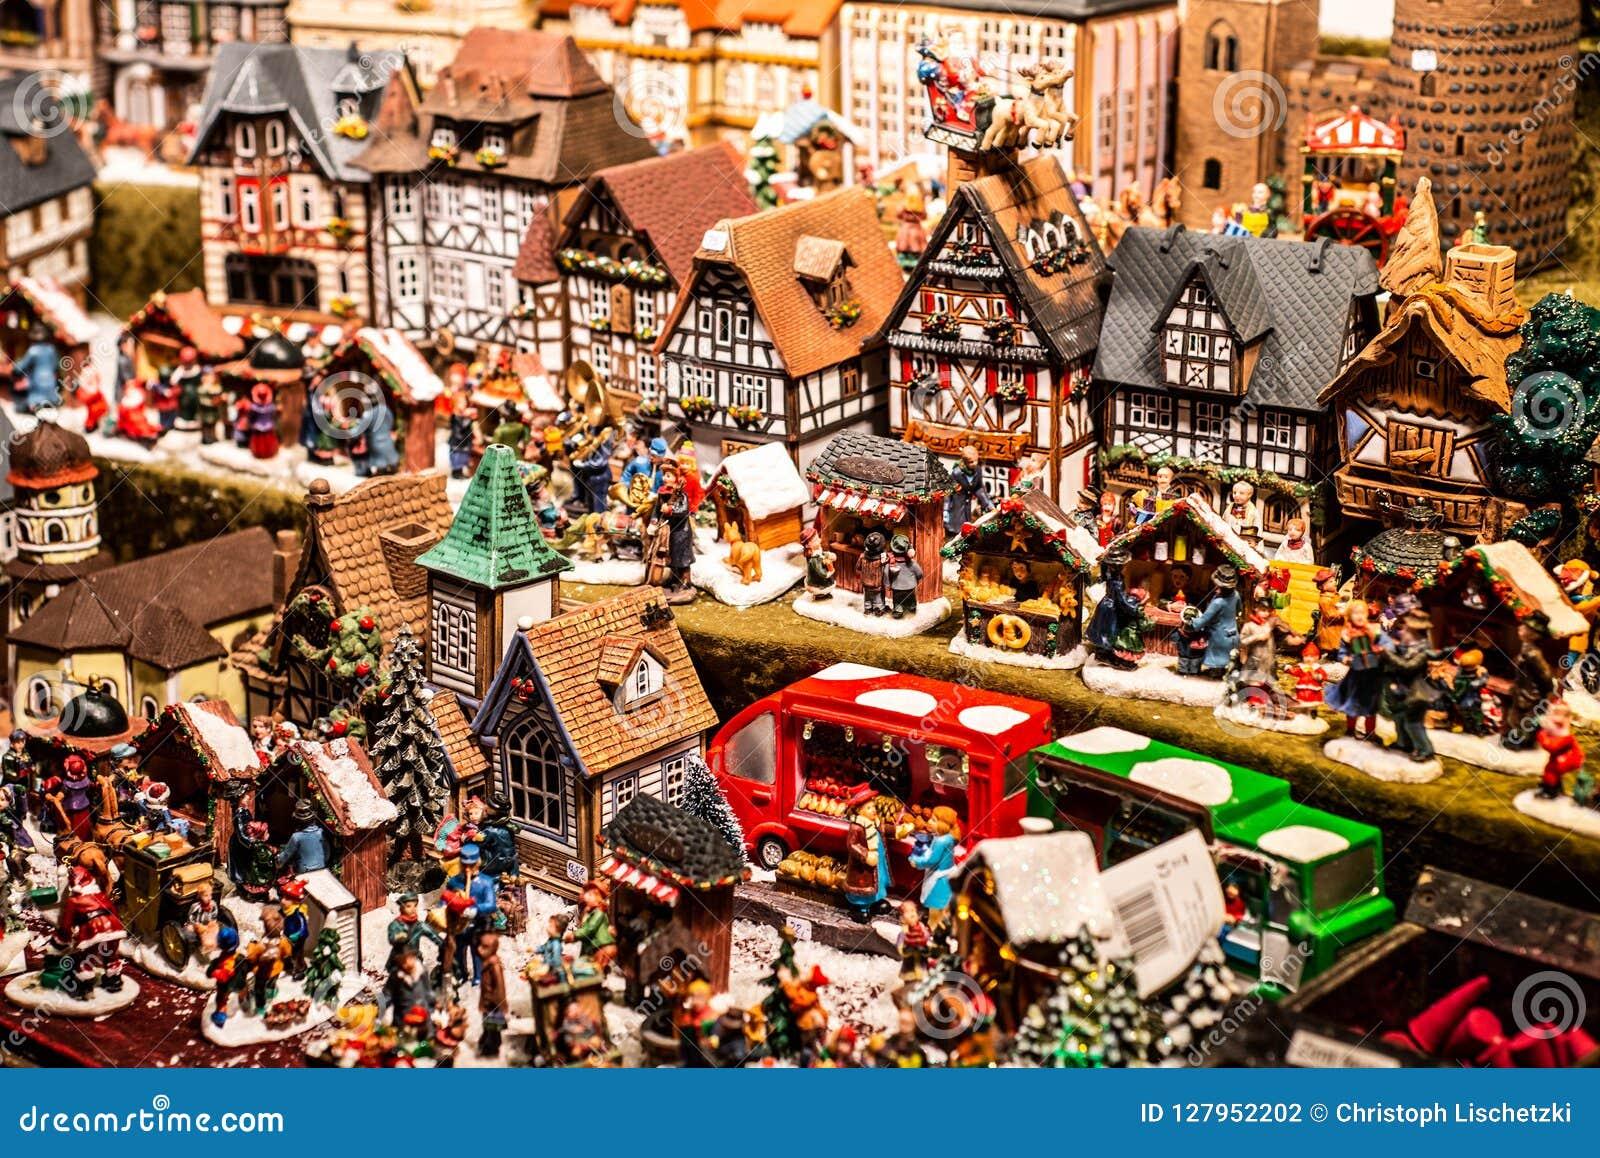 Los recuerdos y los juguetes tradicionales les gusta casas modelo smal en el recuerdo de madera del invierno del mercado europeo